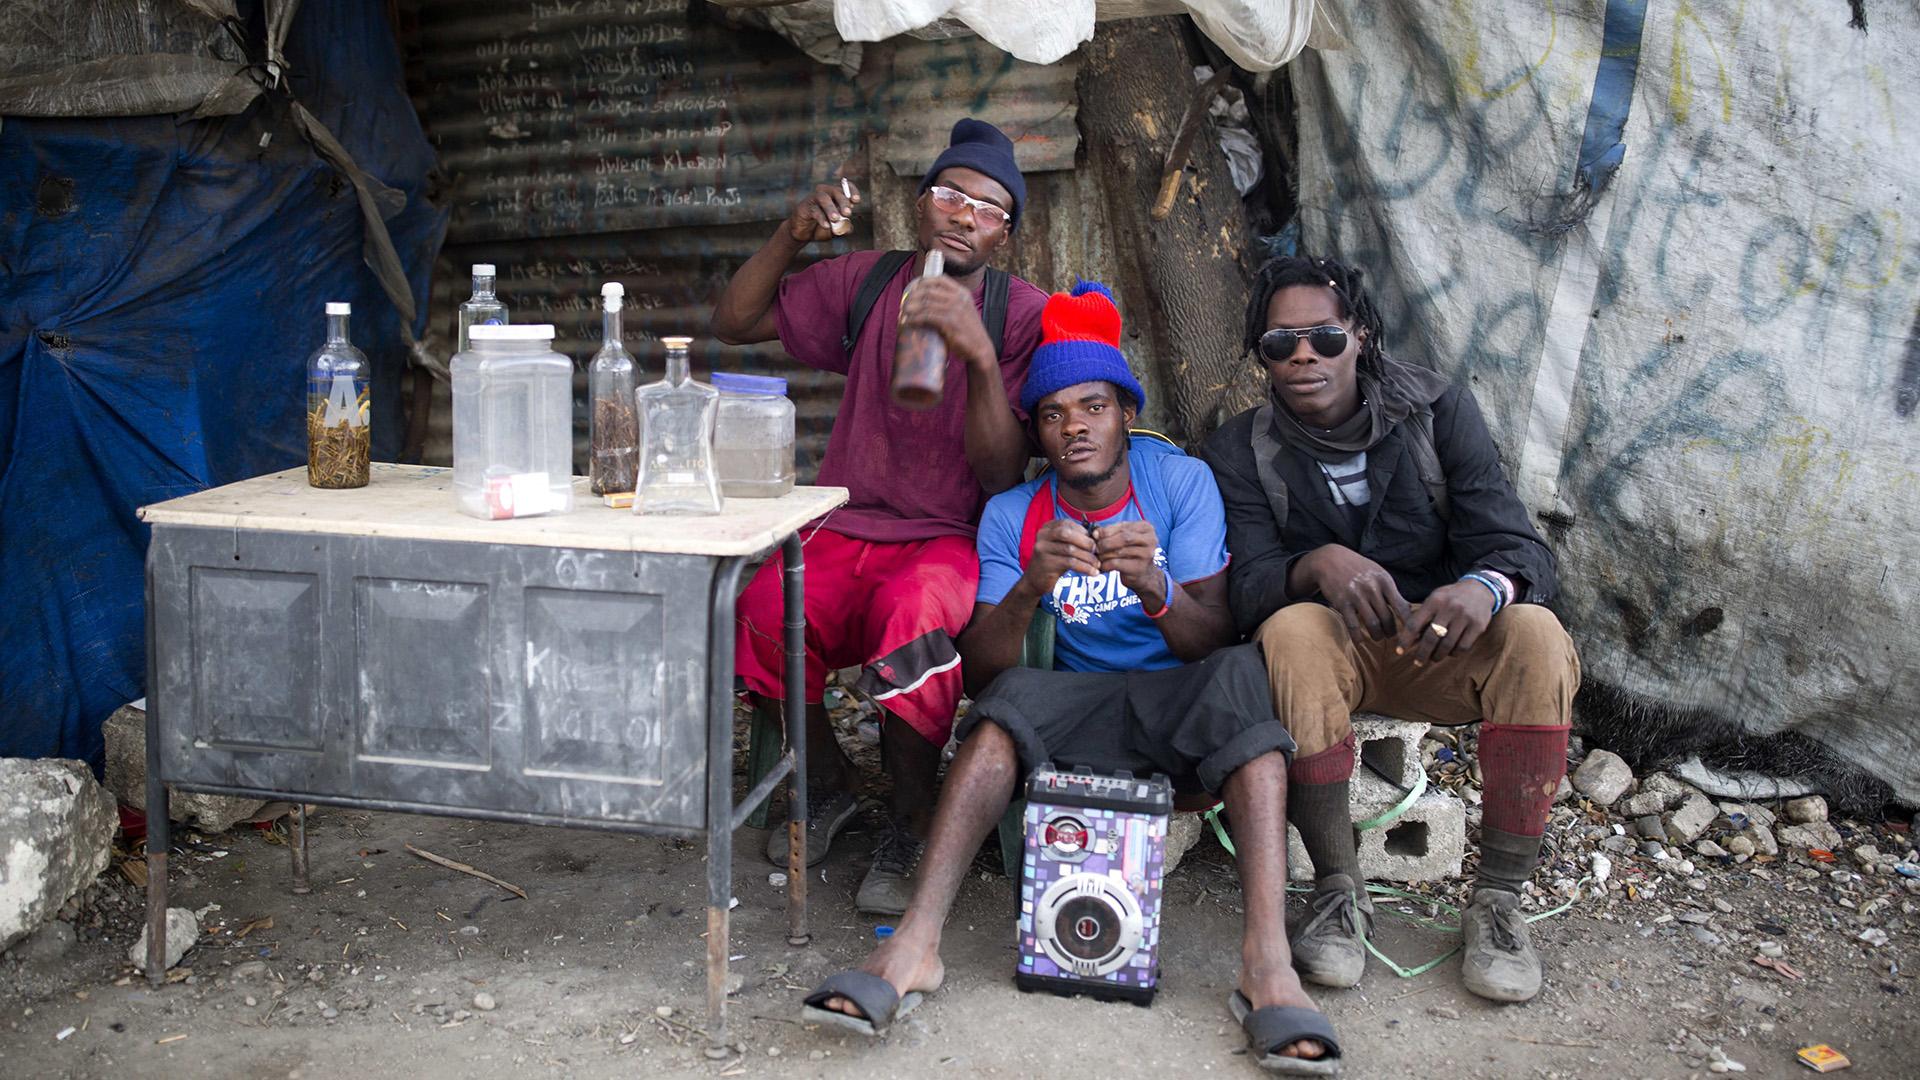 Tres hombres sentados tomando un refresco en el basurero (AP)